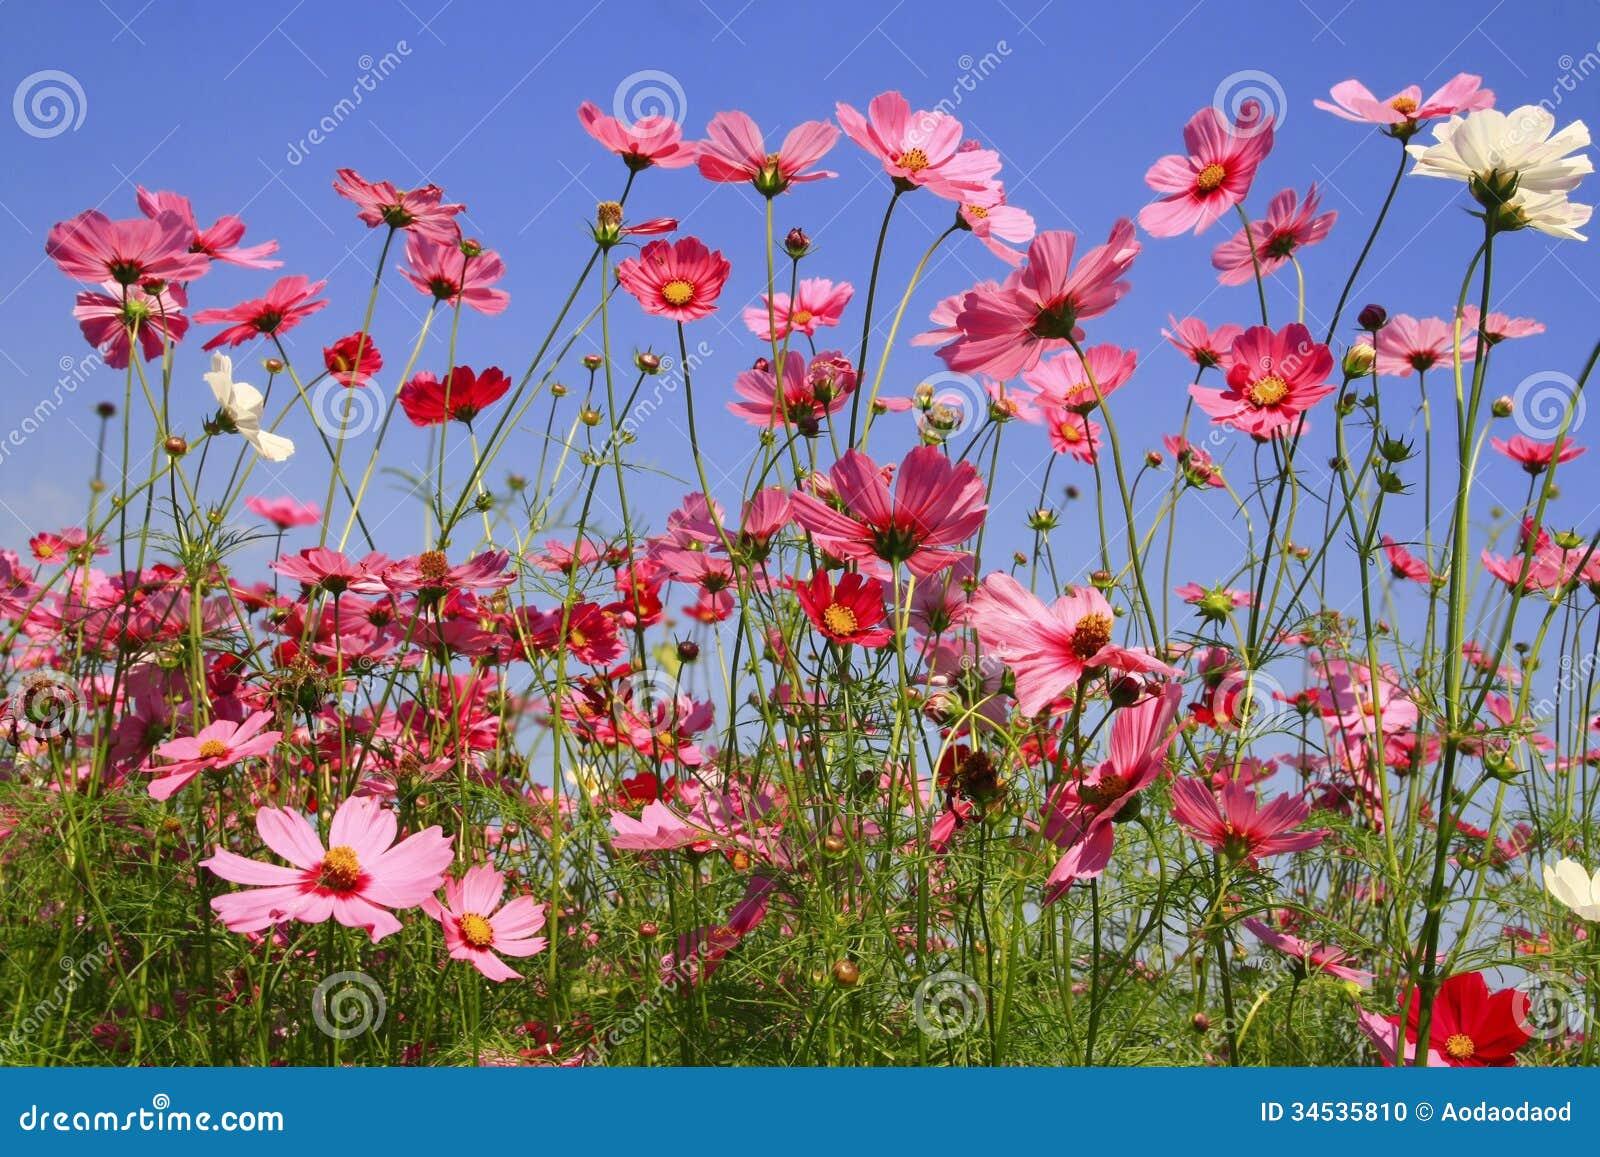 Fleur rose de cosmos dans le jardin photo stock image for Fleurs des jardins